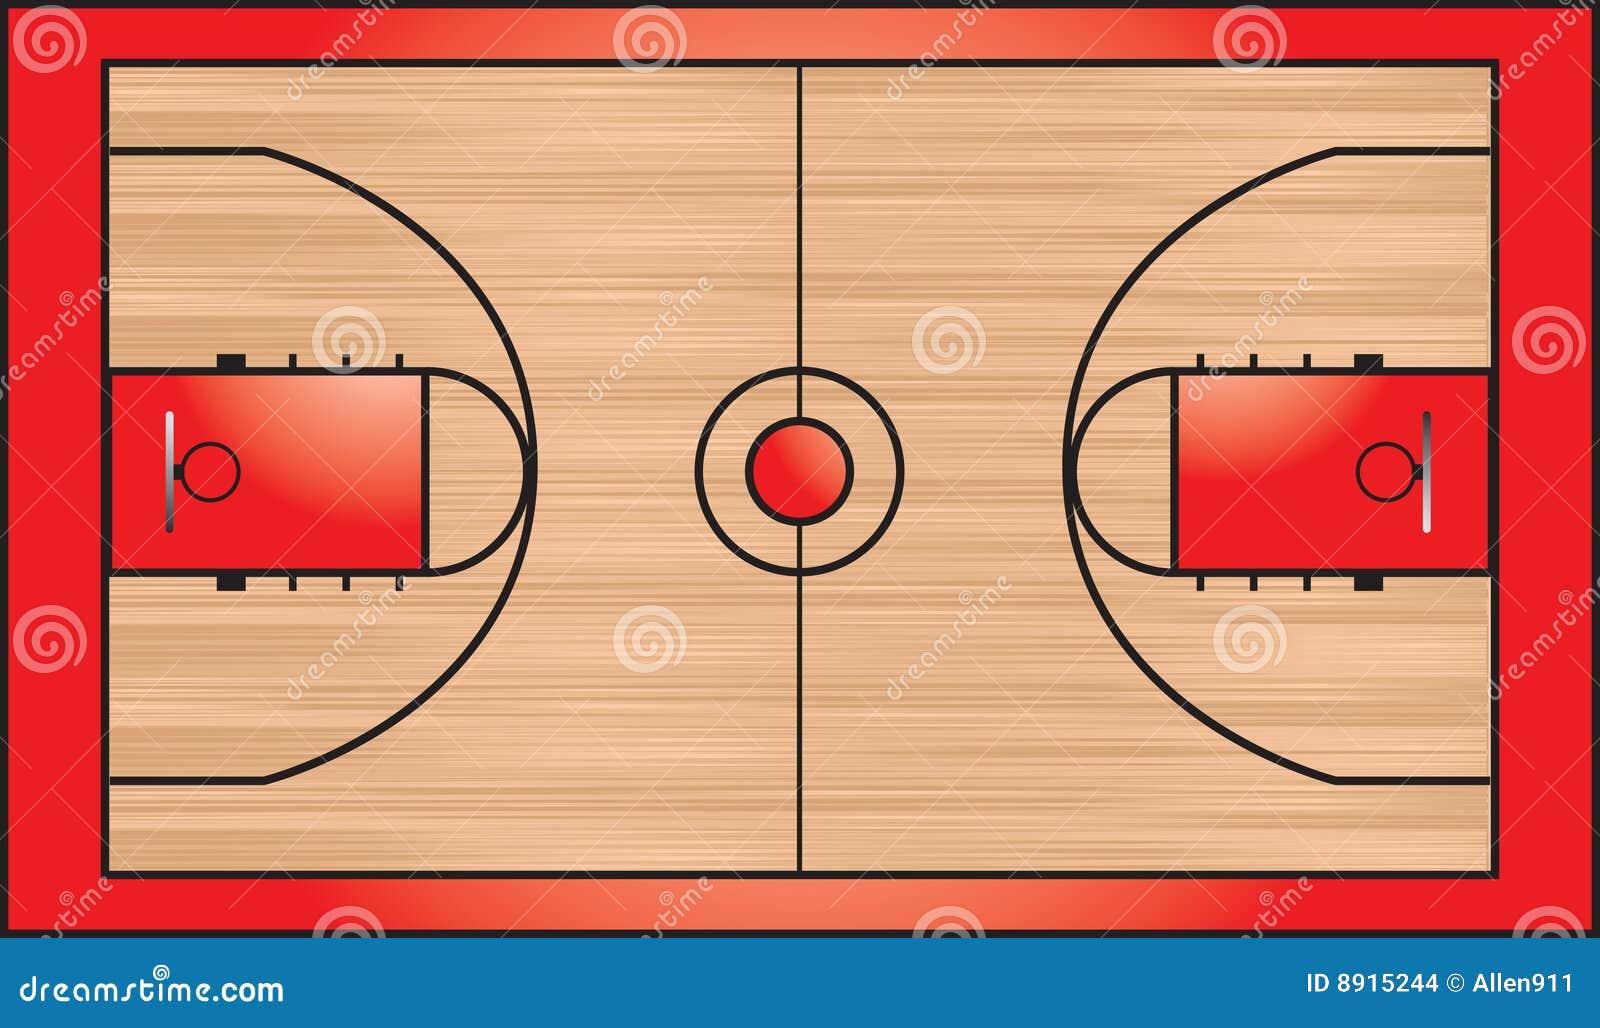 terrain de basket images stock image 8915244. Black Bedroom Furniture Sets. Home Design Ideas